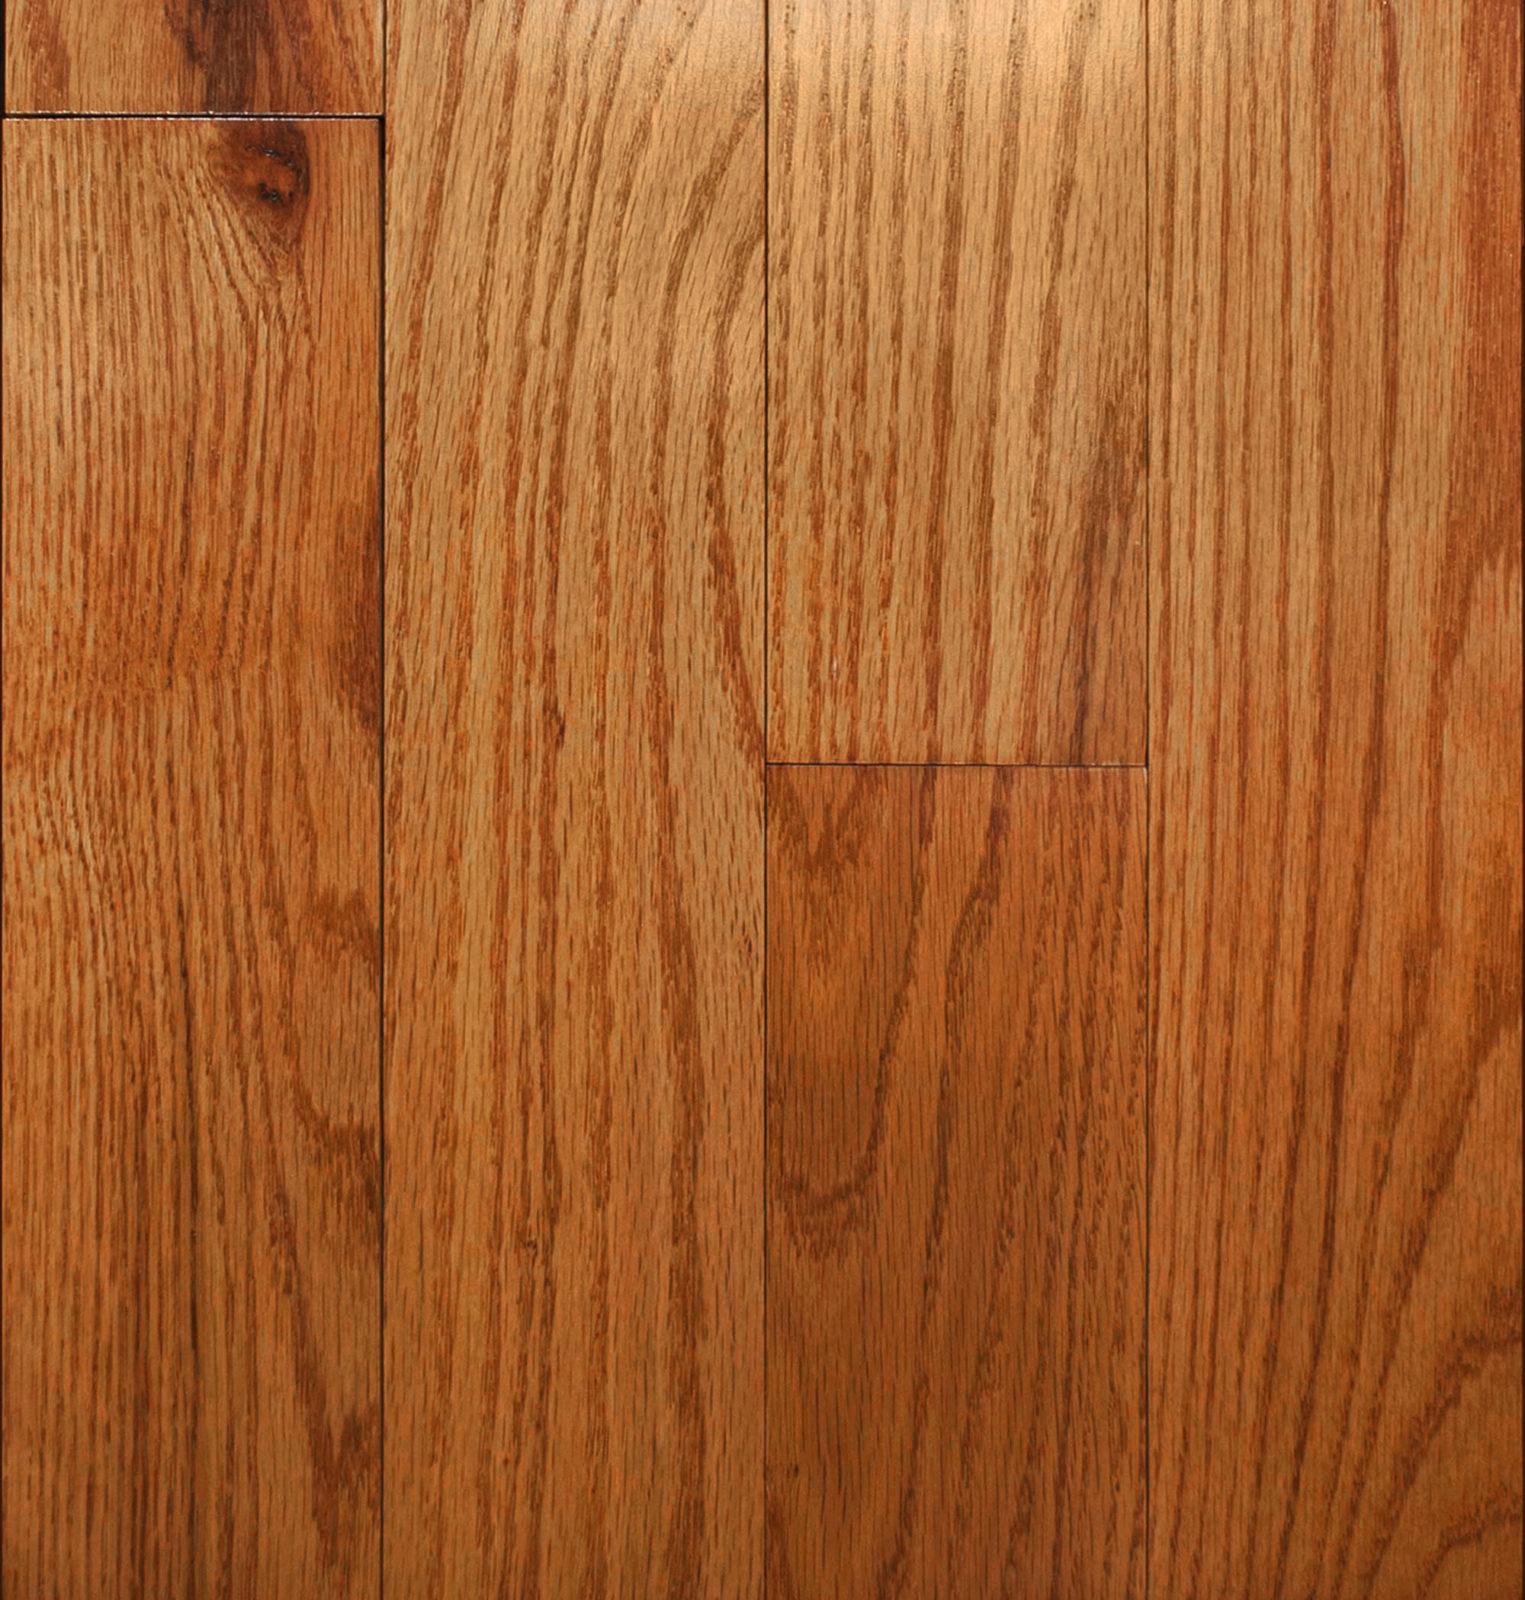 3 14 X 34 Mohawk Red Oak Butterscotch Schillings